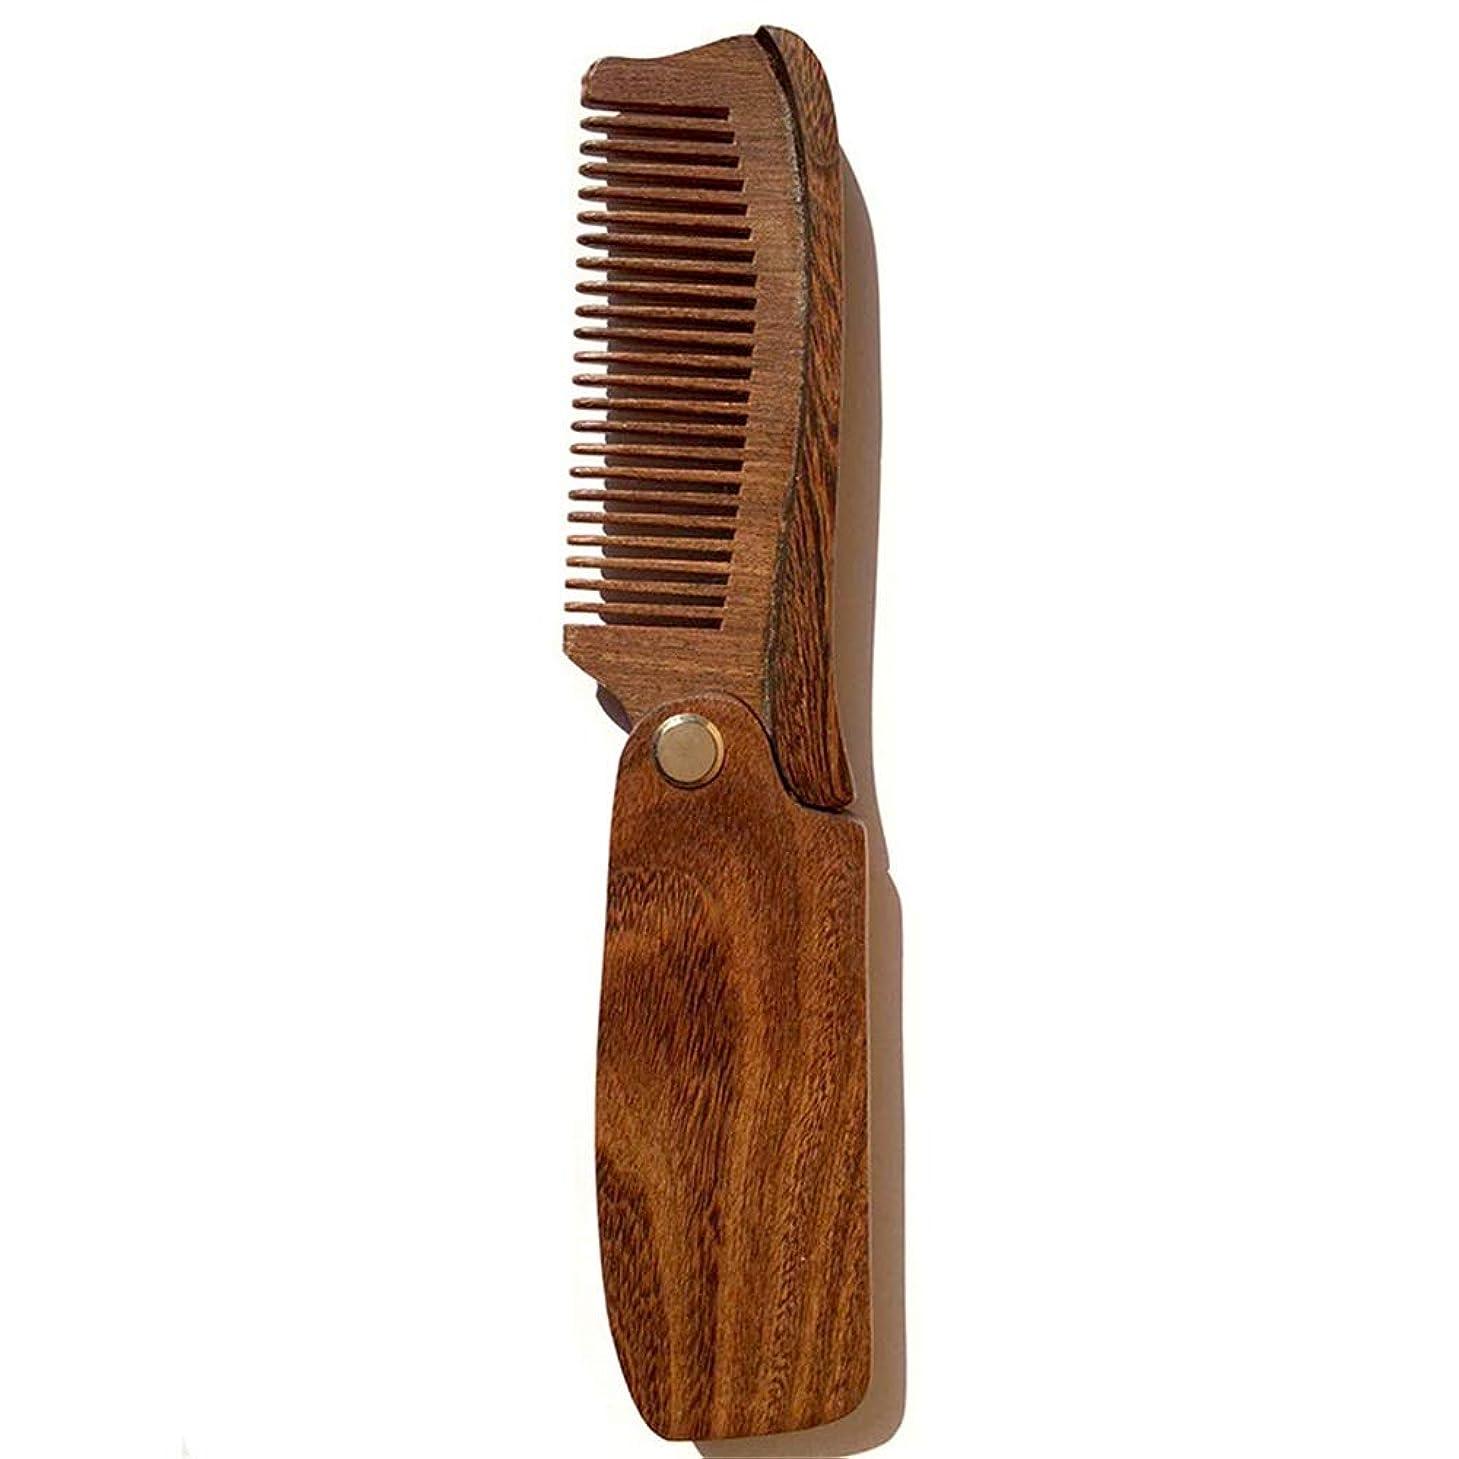 教え作成する差折り畳み木製の櫛メンズ髪、ひげと口ひげキャリーケースとスタイルの櫛 - ポケットサイズ、耐久性、日常のための静的なサンダルウッドの櫛